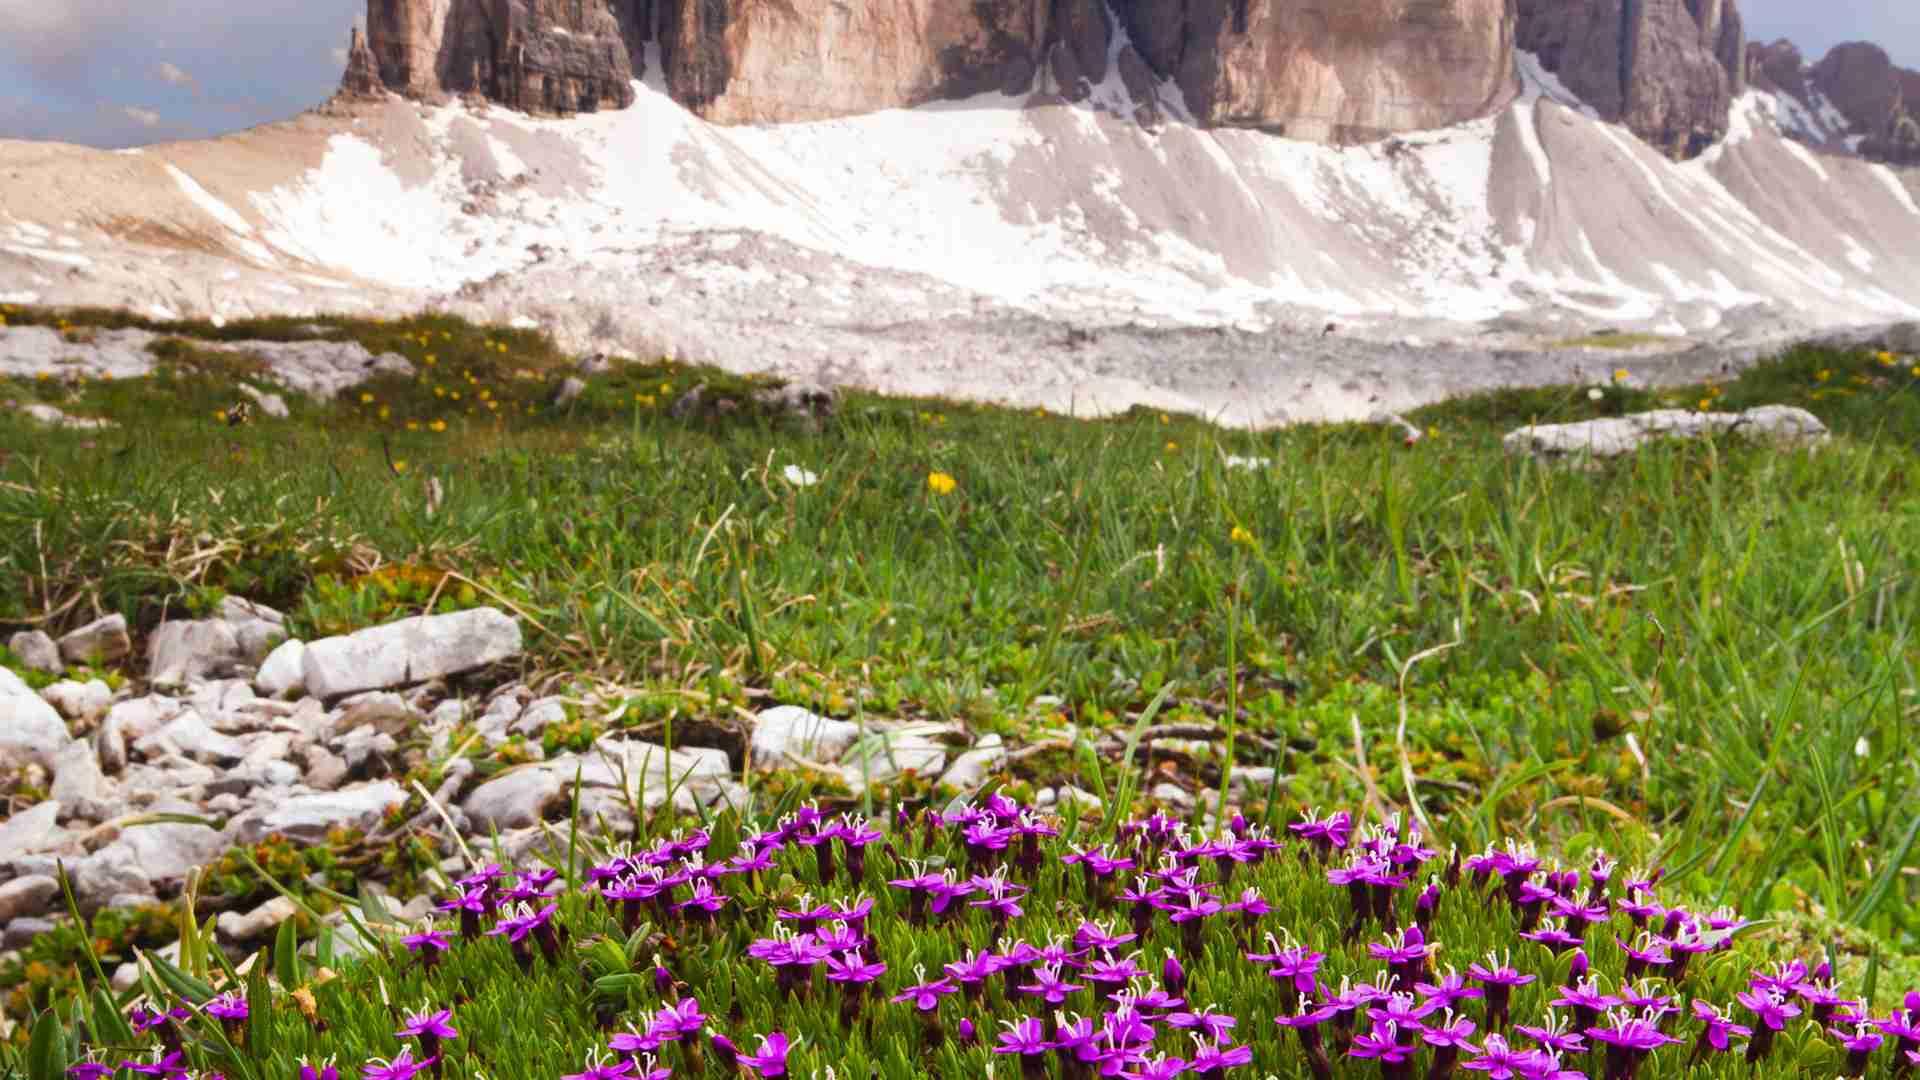 ヨーロッパ植物学の伝統が地球温暖化の深刻さを明らかにした。(西川伸一) - 個人 - Yahoo!ニュース